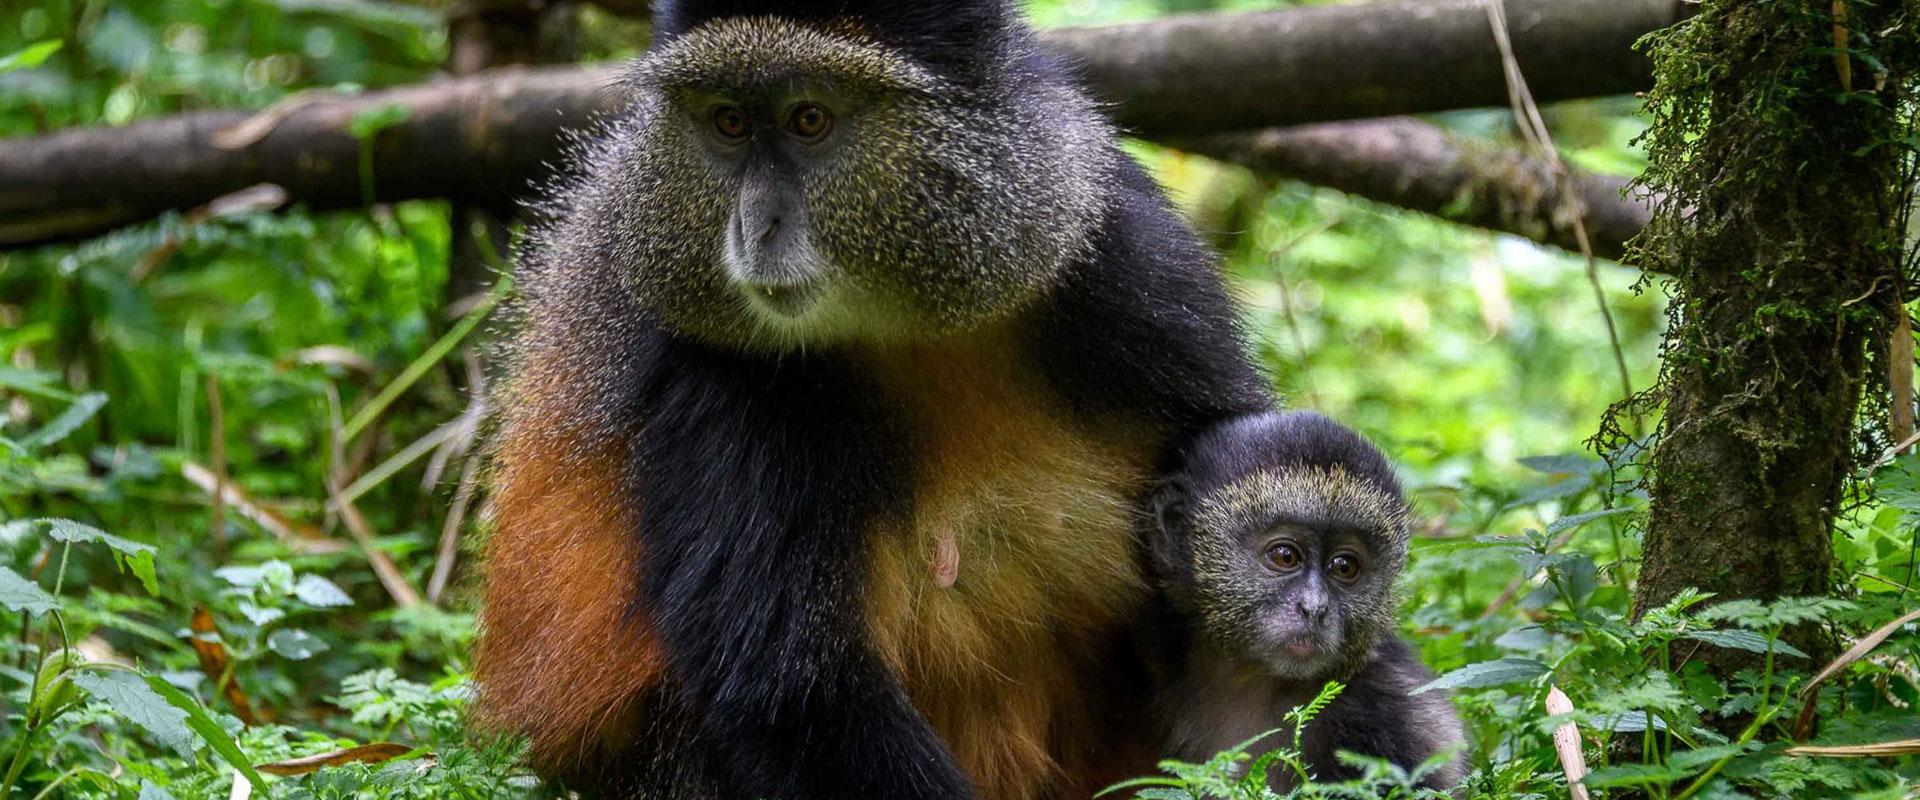 Gorillas & Golden Monkeys